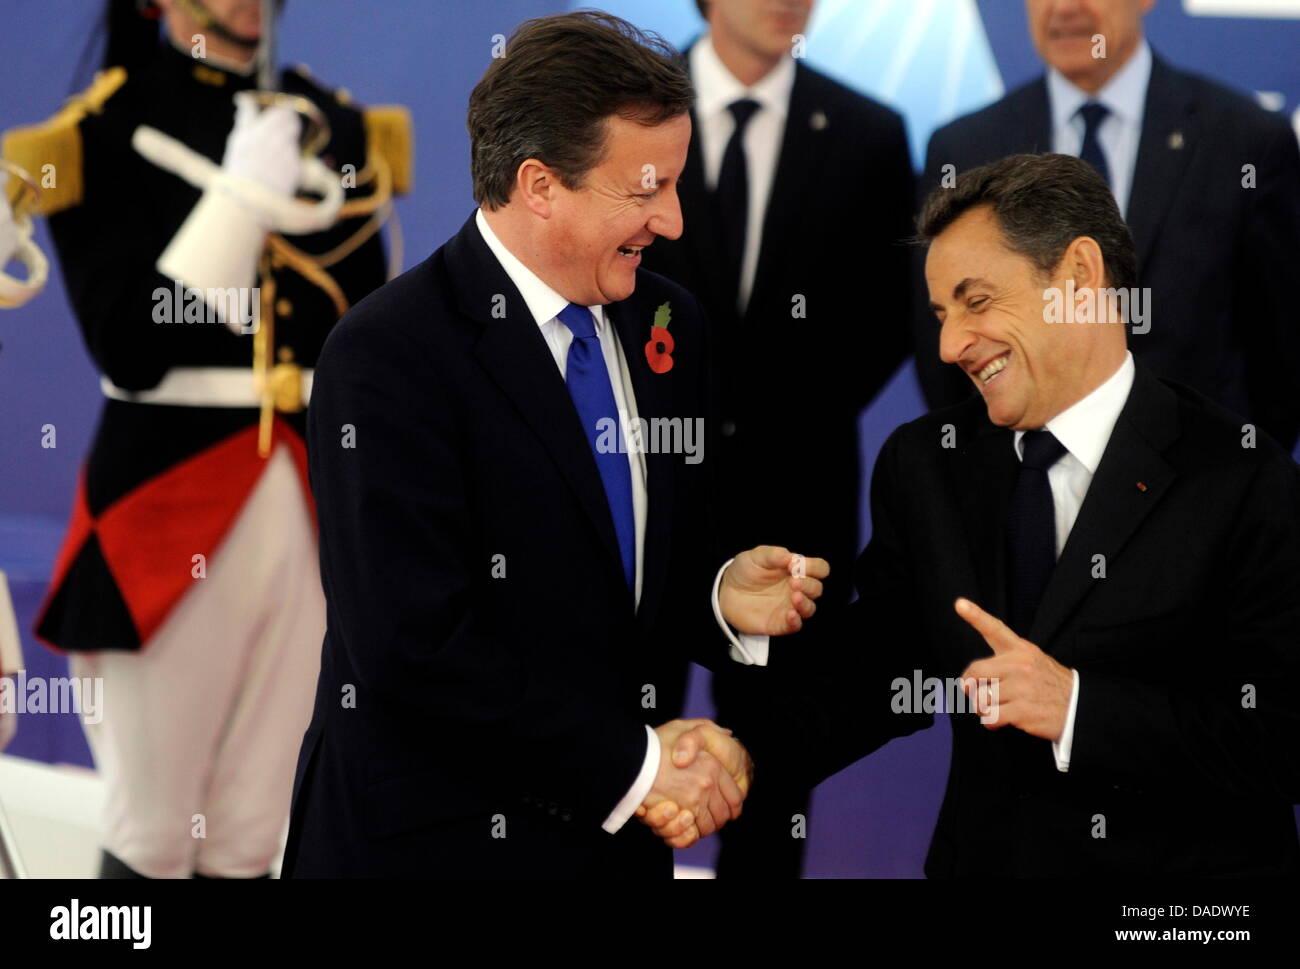 Frankreichs Praesident Nicolas Sarkozy (r.) begruesst am Donnerstag (03.11.11) in Cannes in Frankreich den britischen - Stock Image